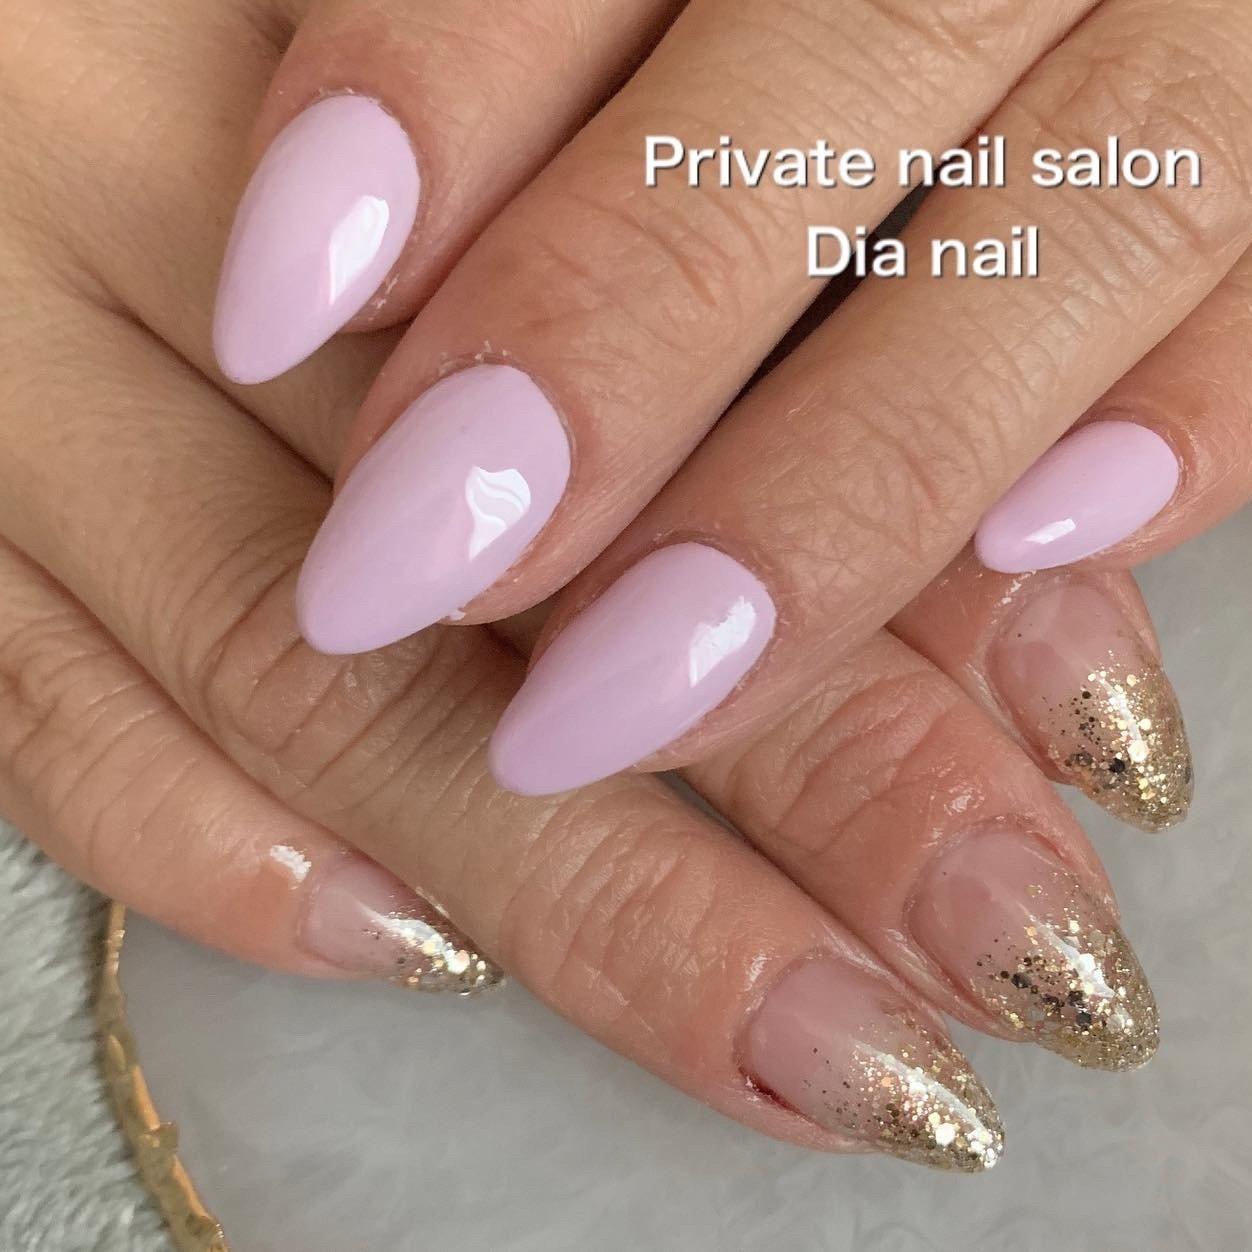 #春 #ハンド #グラデーション #ラメ #ワンカラー #Private nail salon Dia nail #ネイルブック